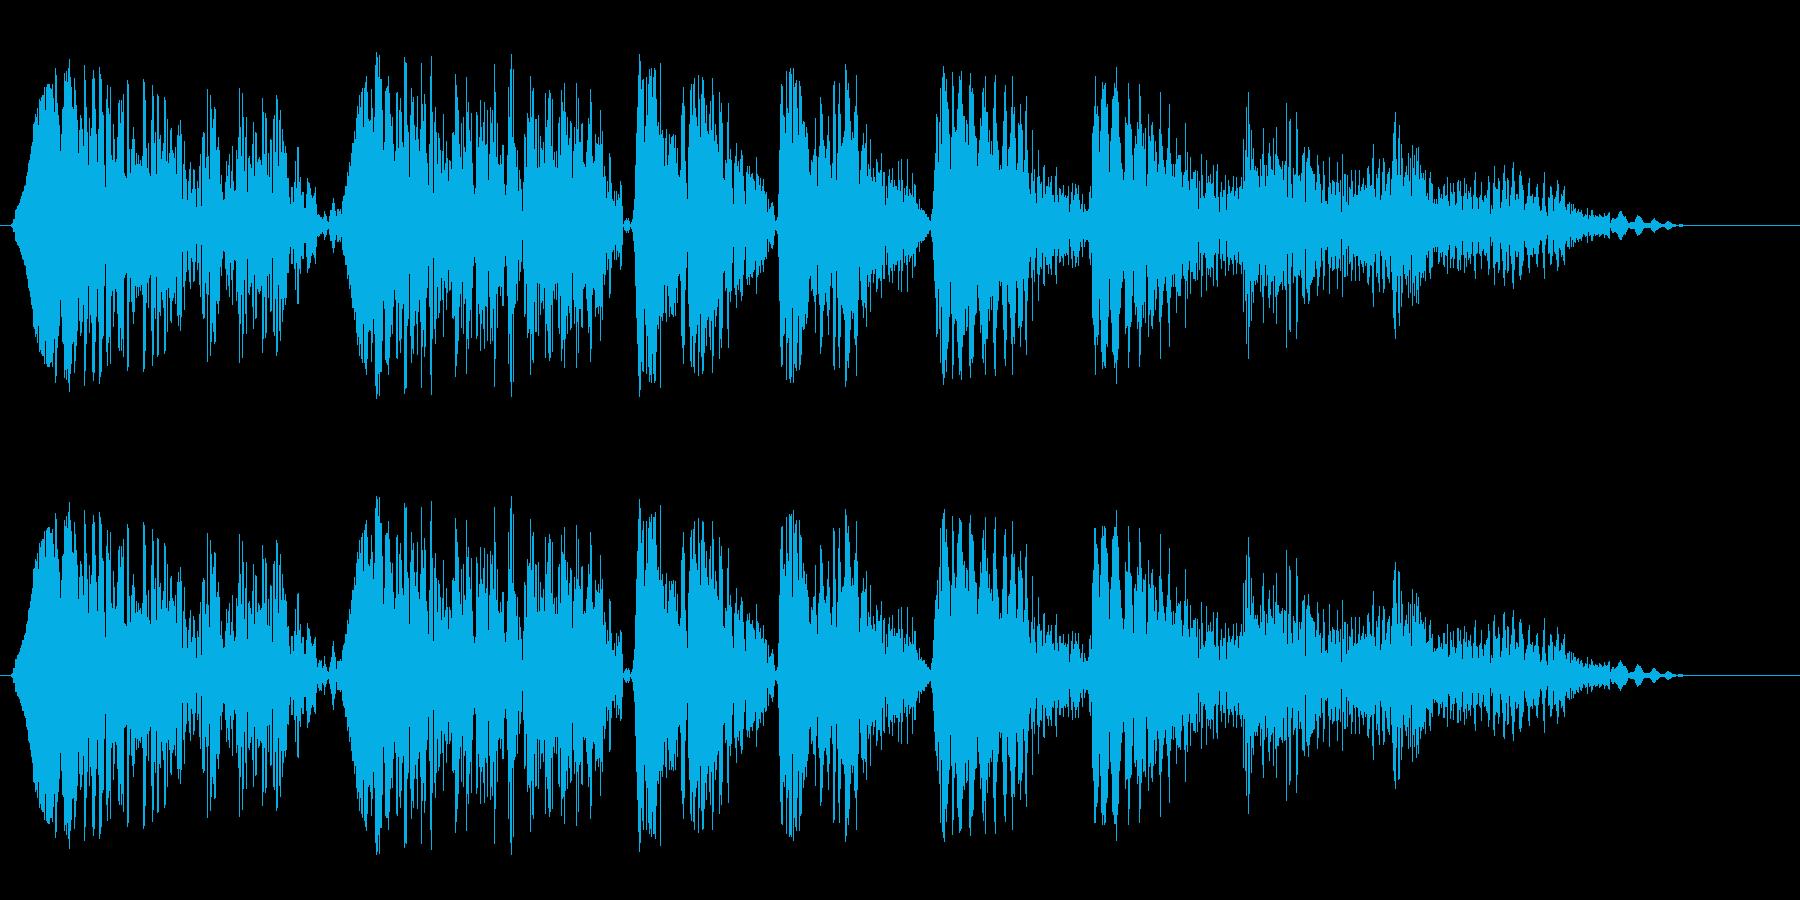 ニョンニョンピヨヨヨーン(登場音)の再生済みの波形